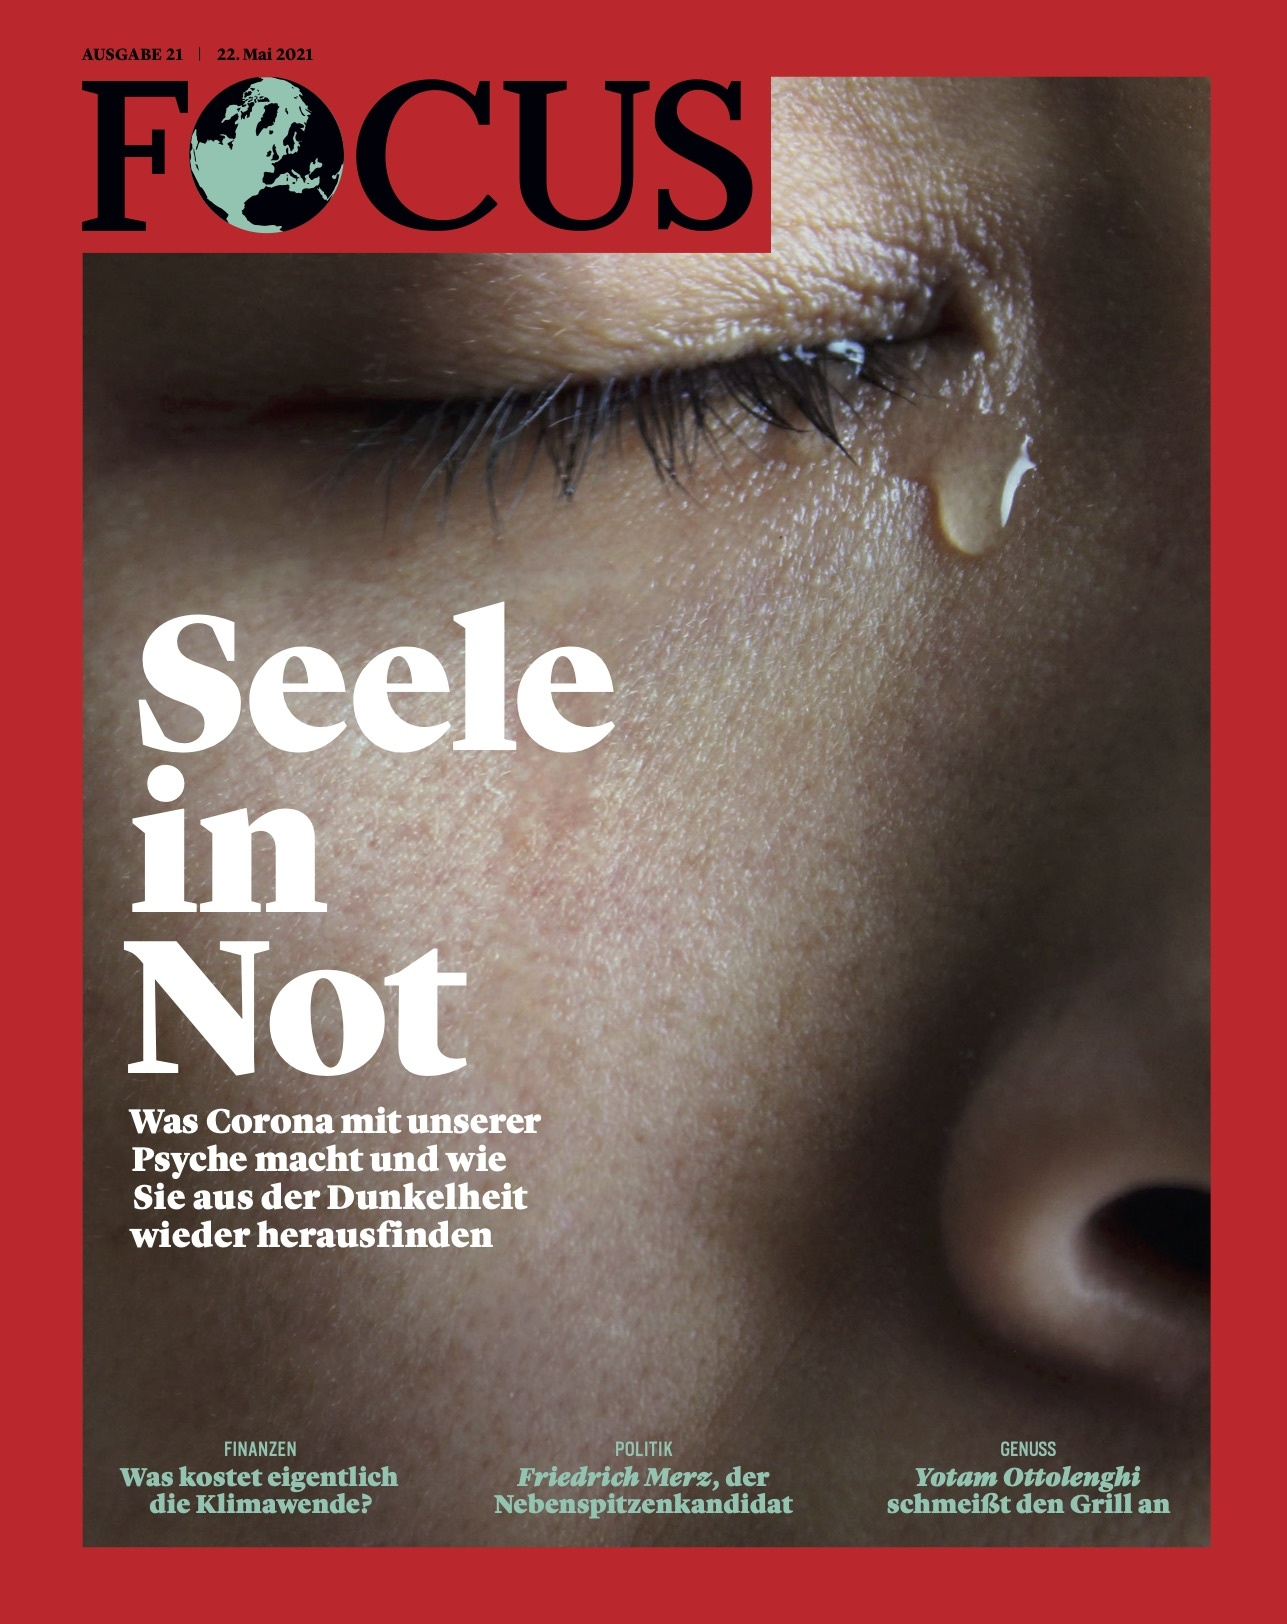 FOCUS Magazin FOCUS Magazin - Seele in Not